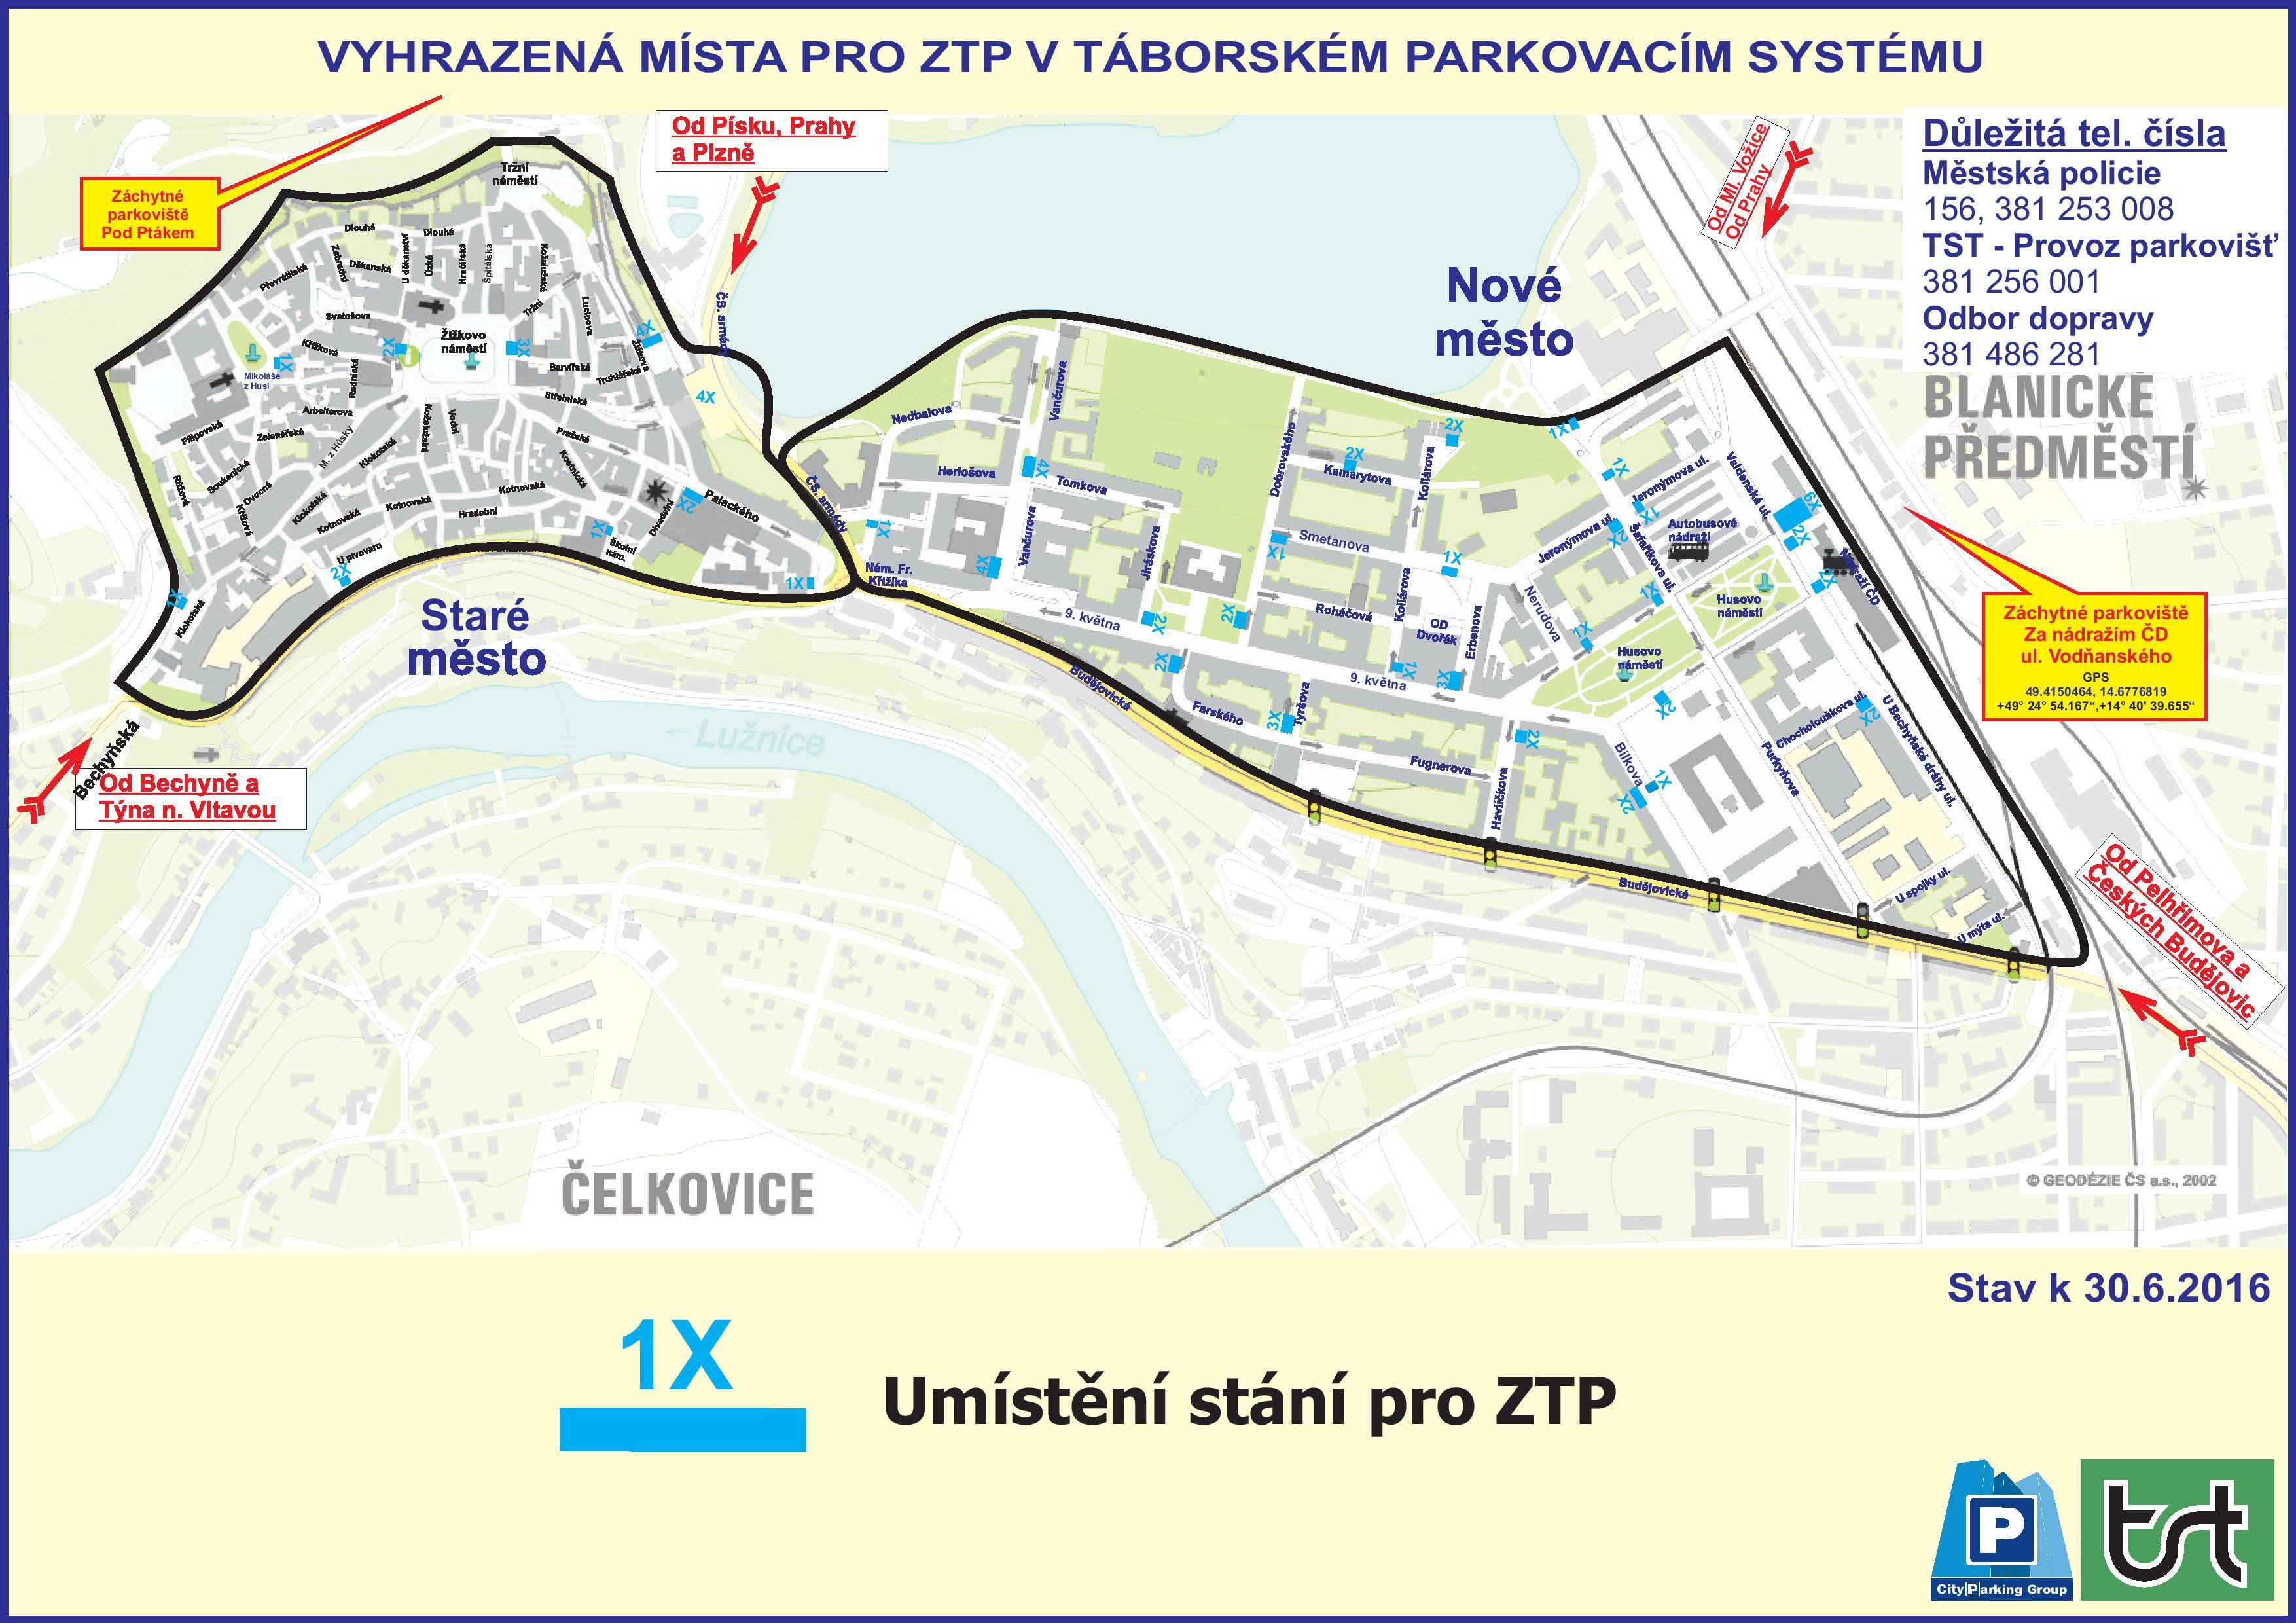 Mapy Parkovacího systému města Tábor